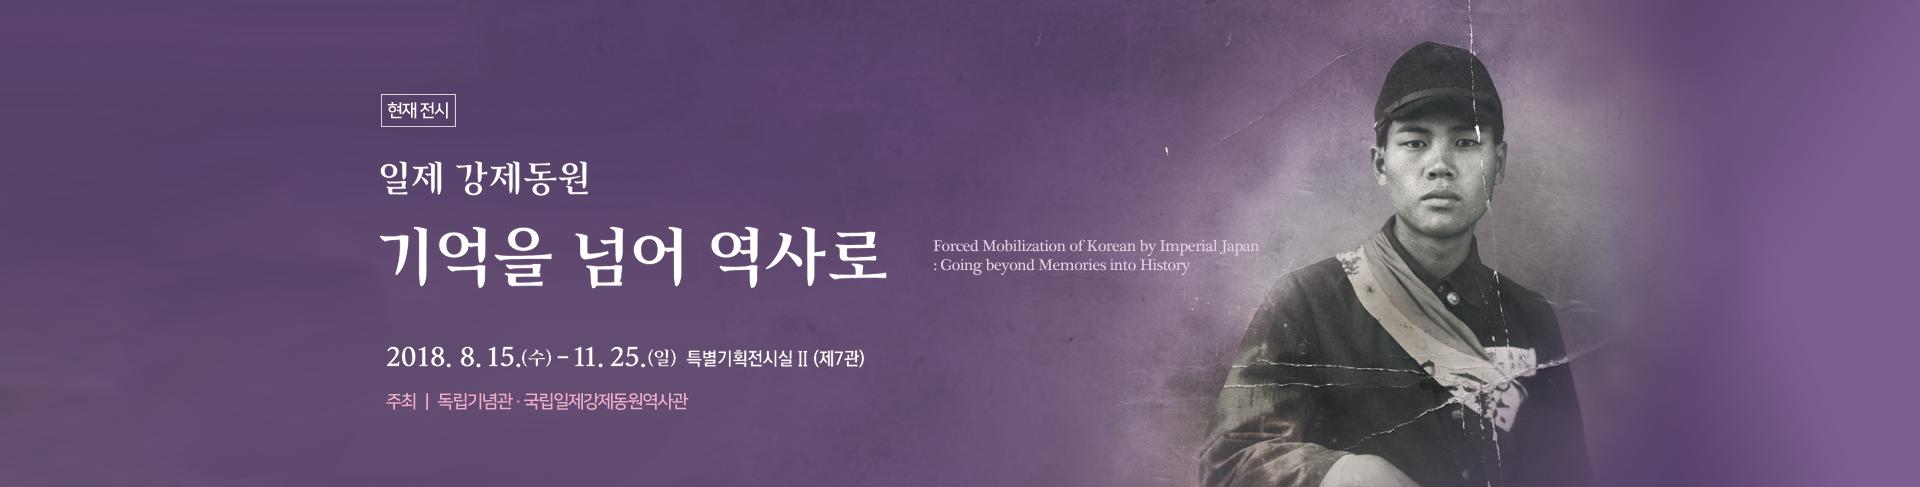 [광복 73주년 기념 특별기획전] 일제 강제동원, 기억을 넘어 역사로